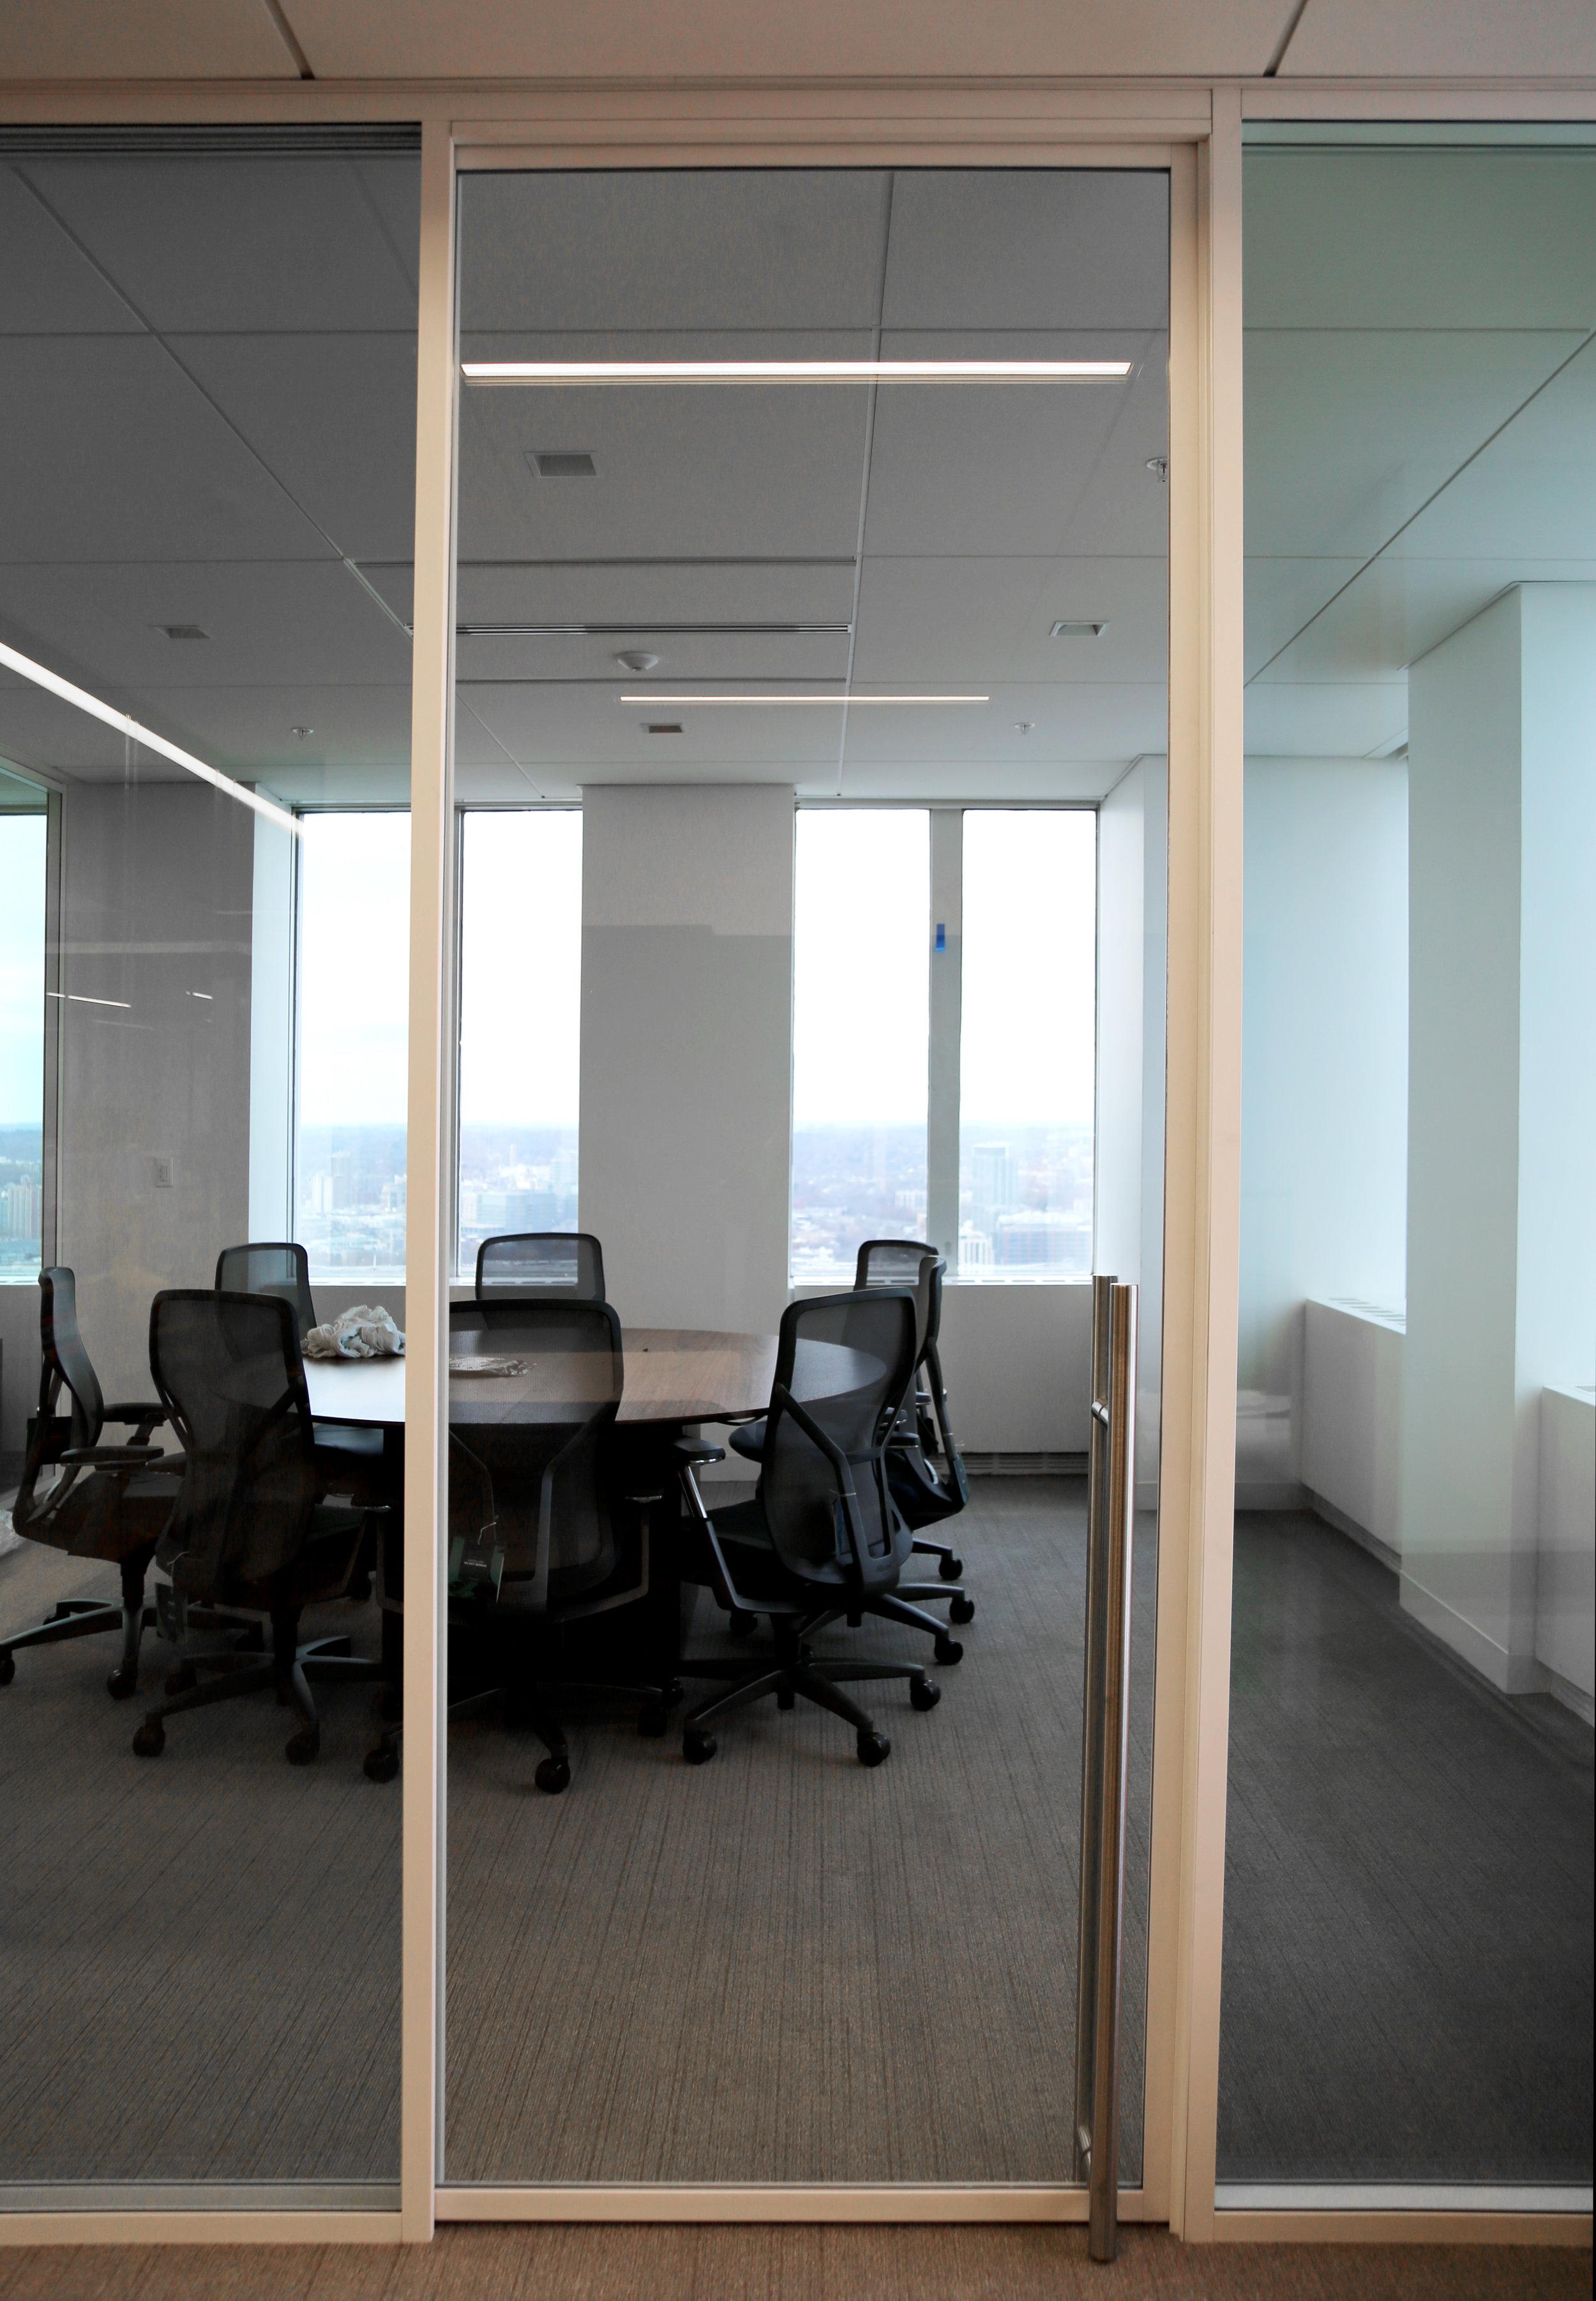 Modernus White Aluminum Aluminum Framed Sliding Glass Door - Spaceworks AI.jpg